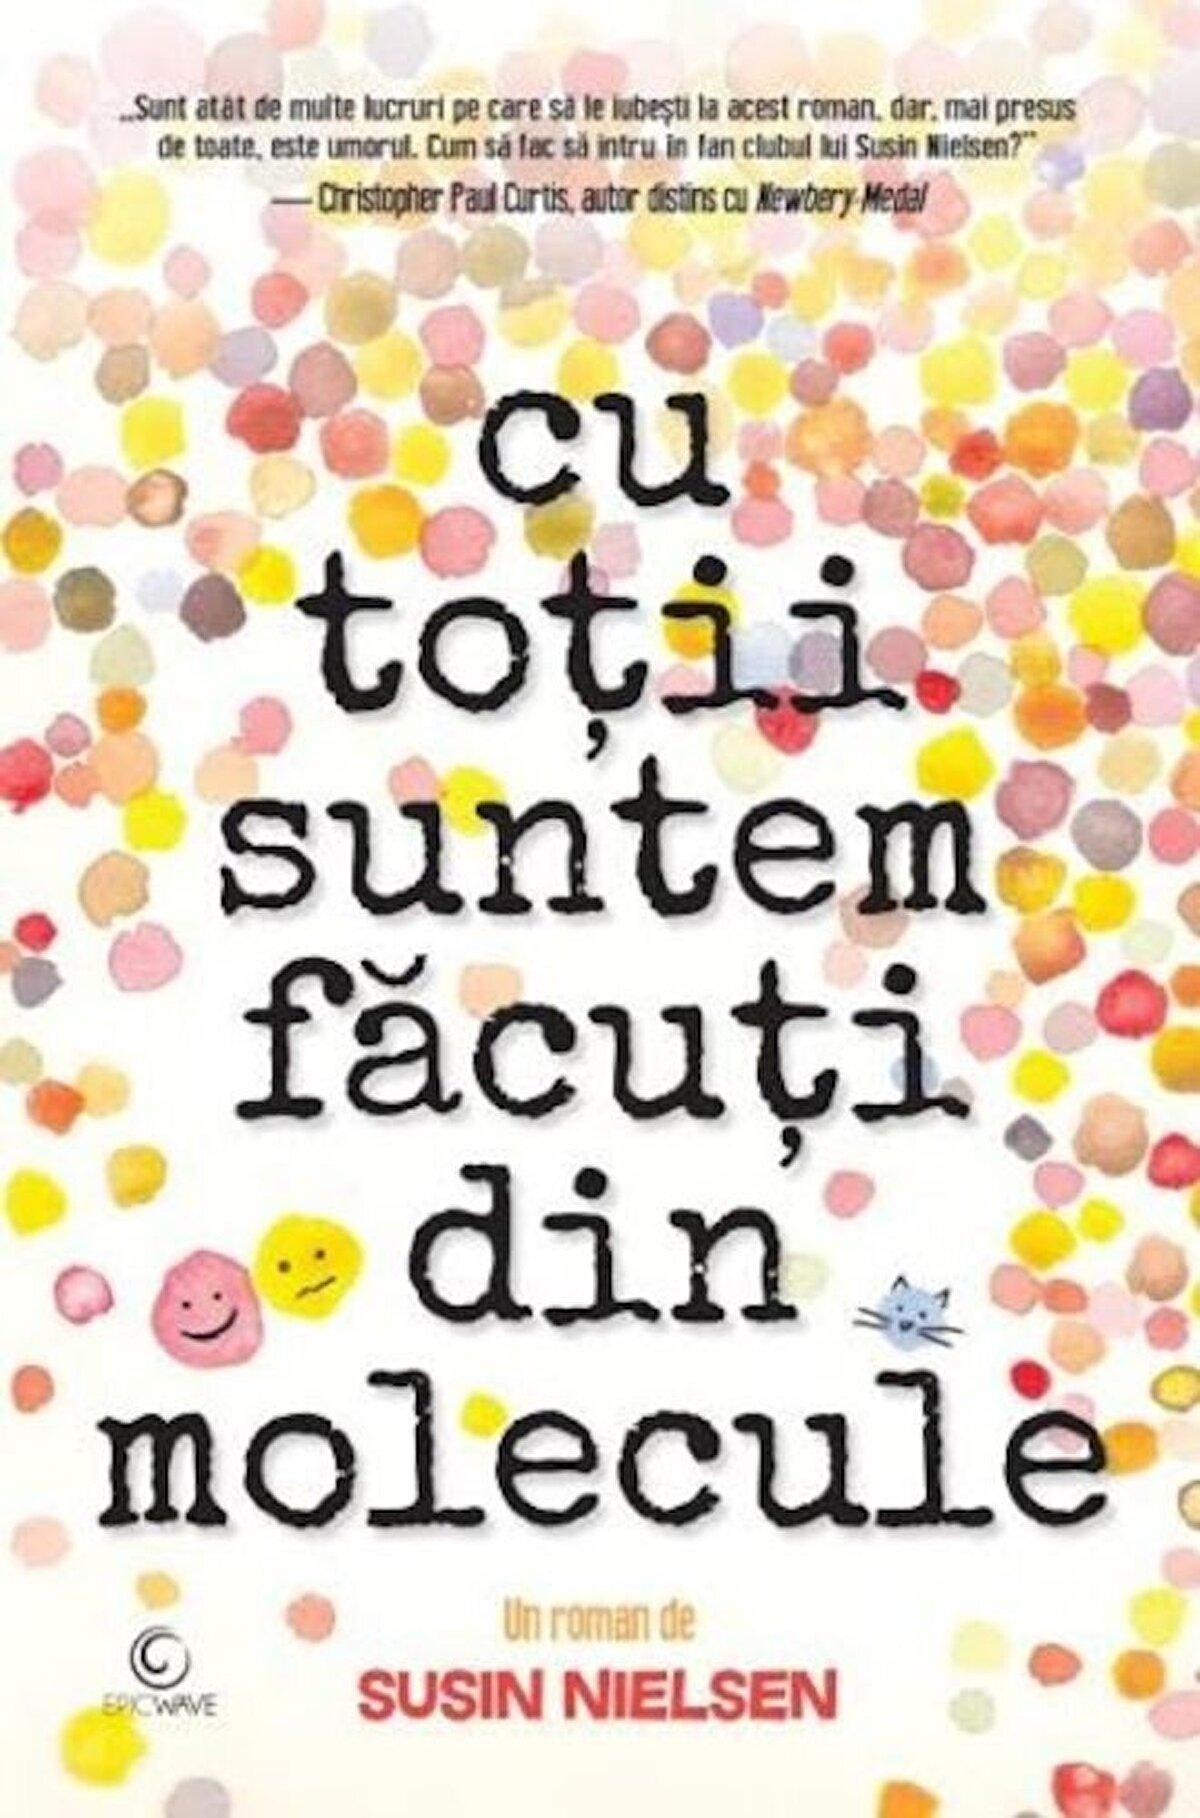 Cu totii suntem facuti din molecule